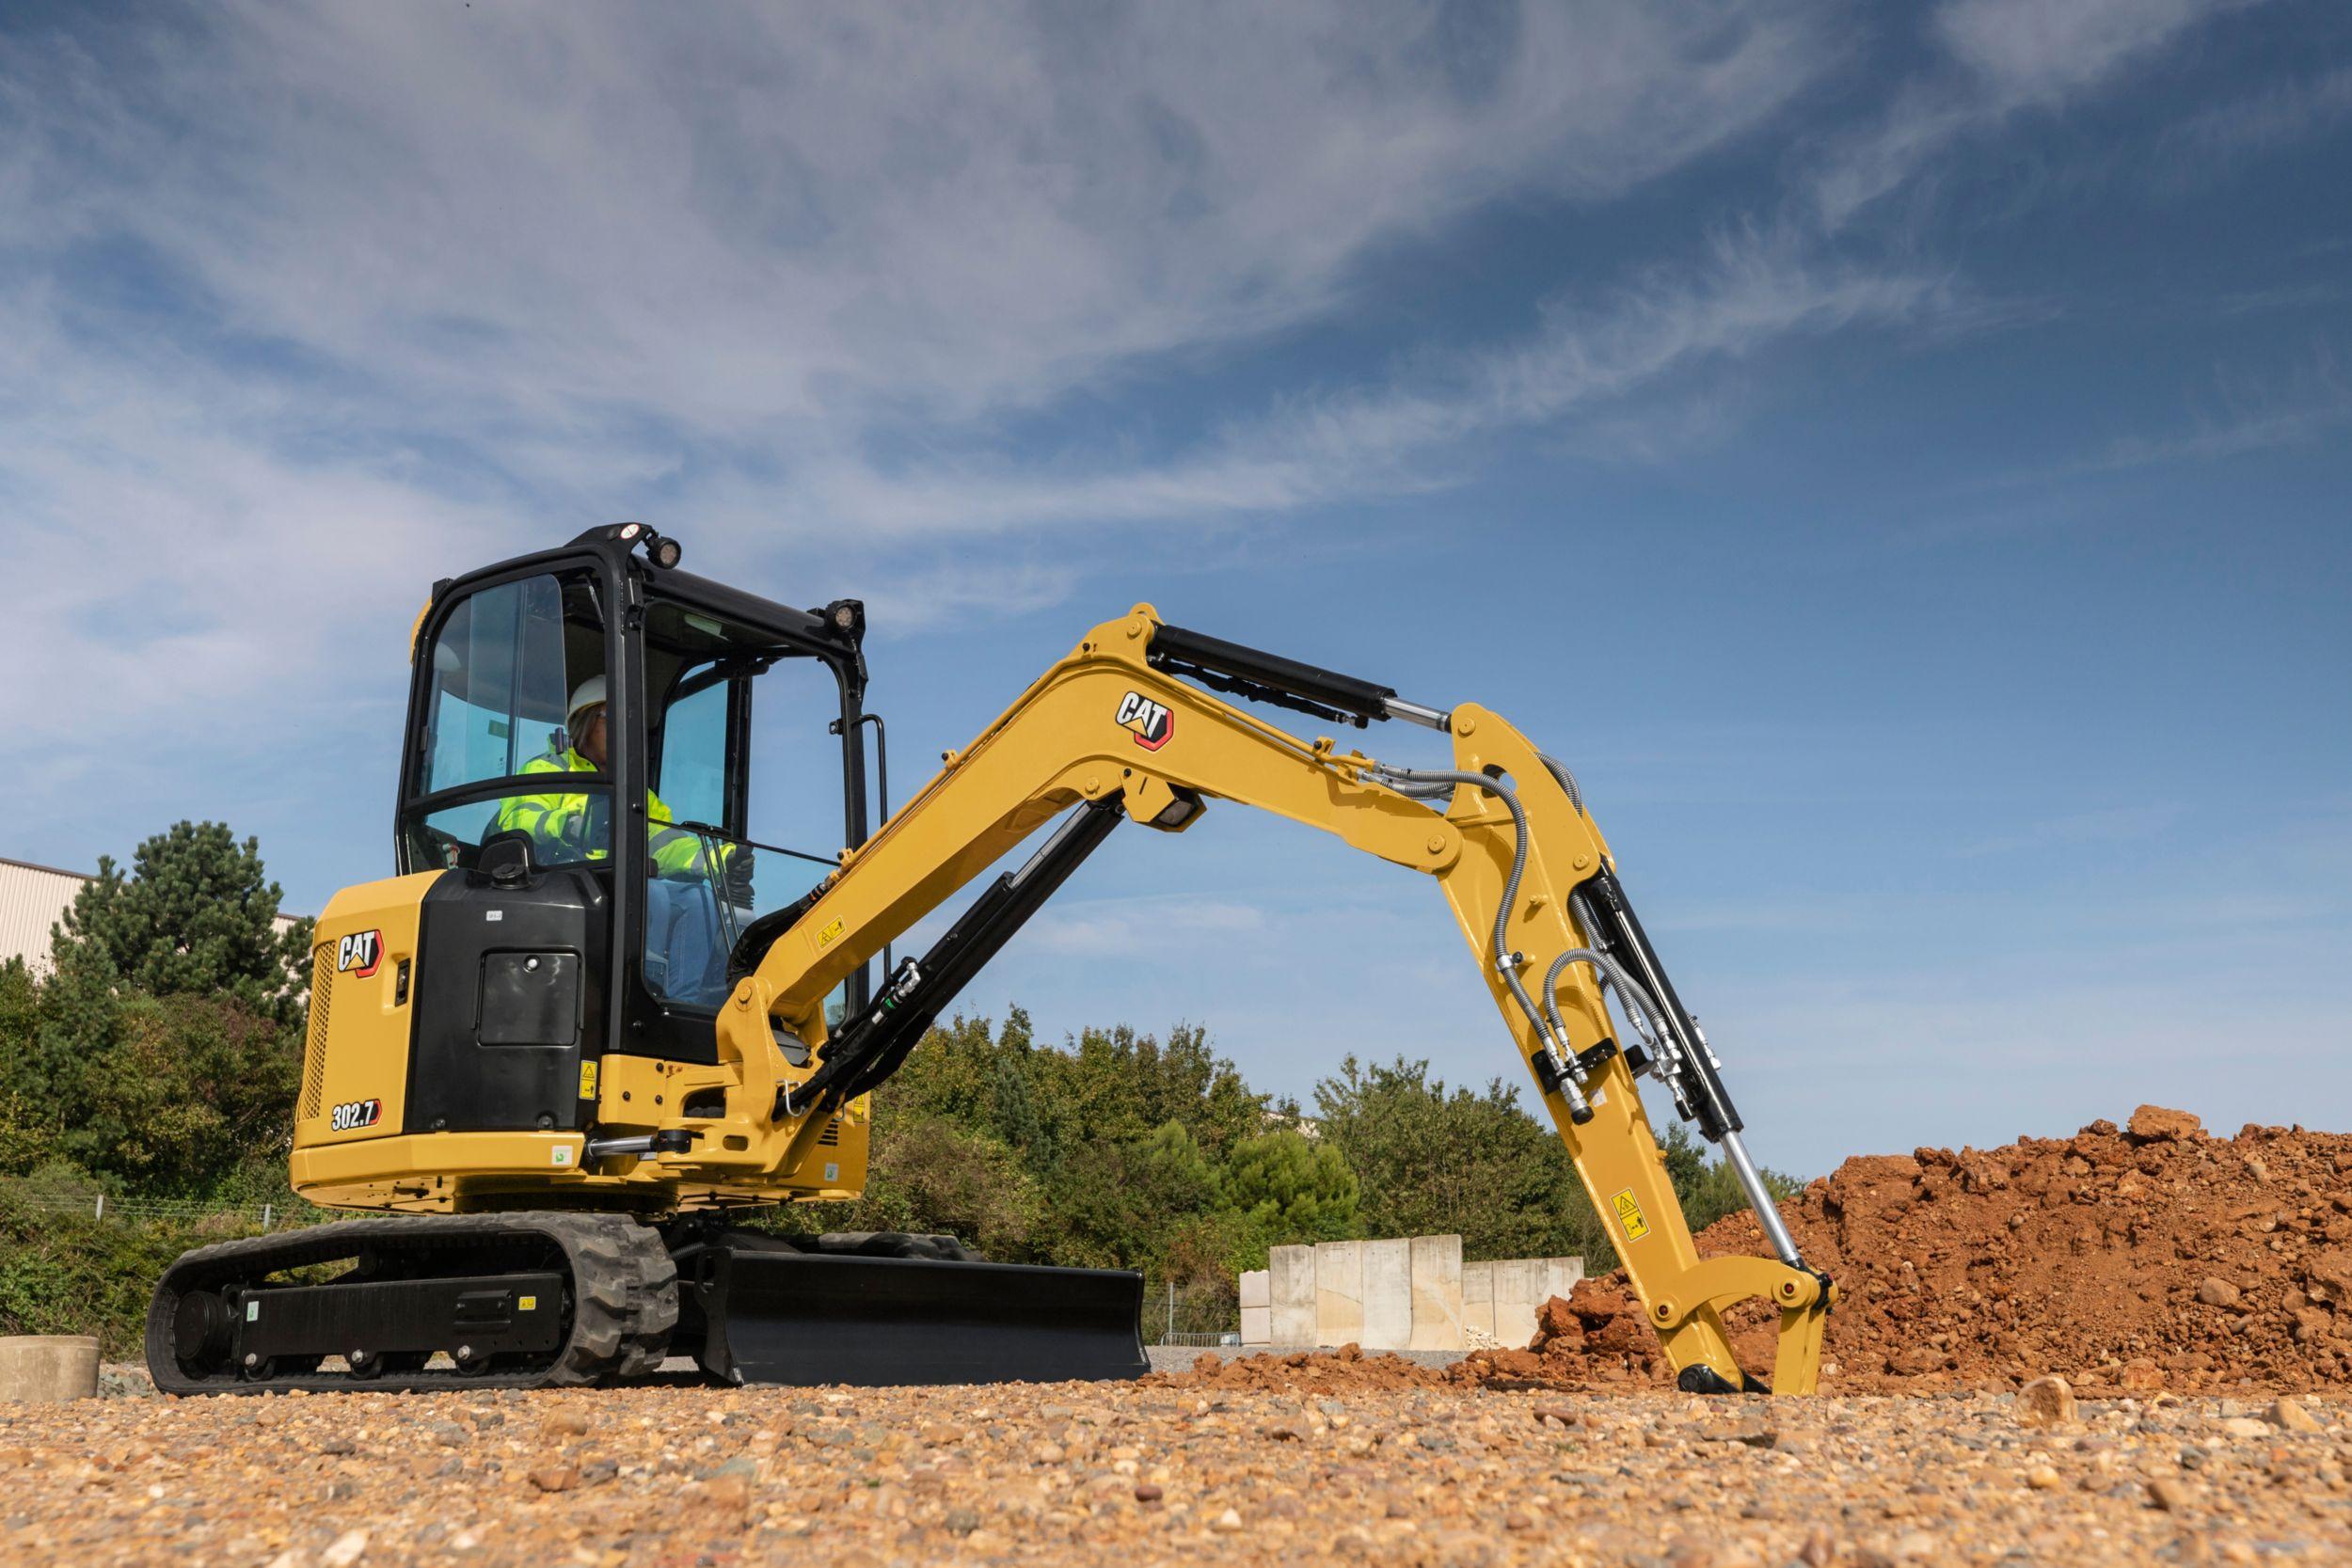 302.7 CR Mini Excavator